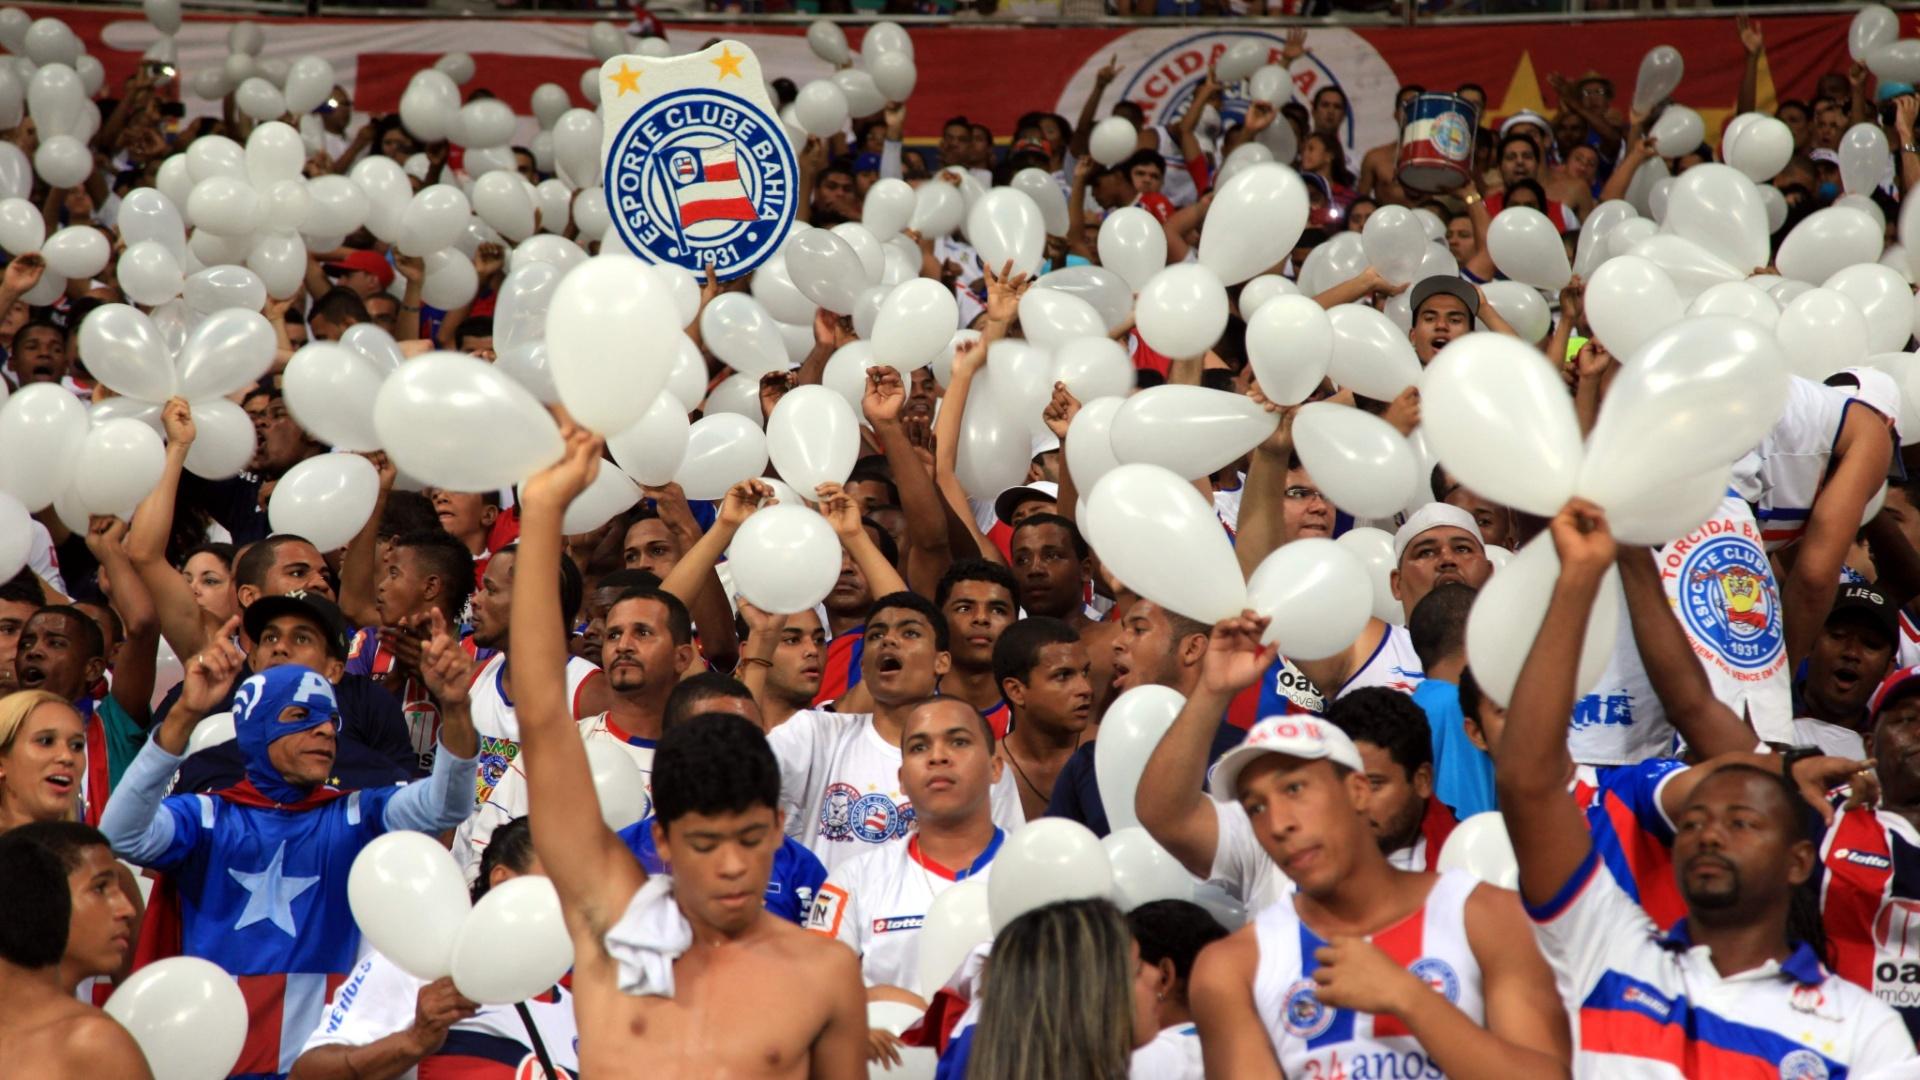 09.nov.2013 - Torcedores do Bahia lotam o estádio Arena Fonte Nova